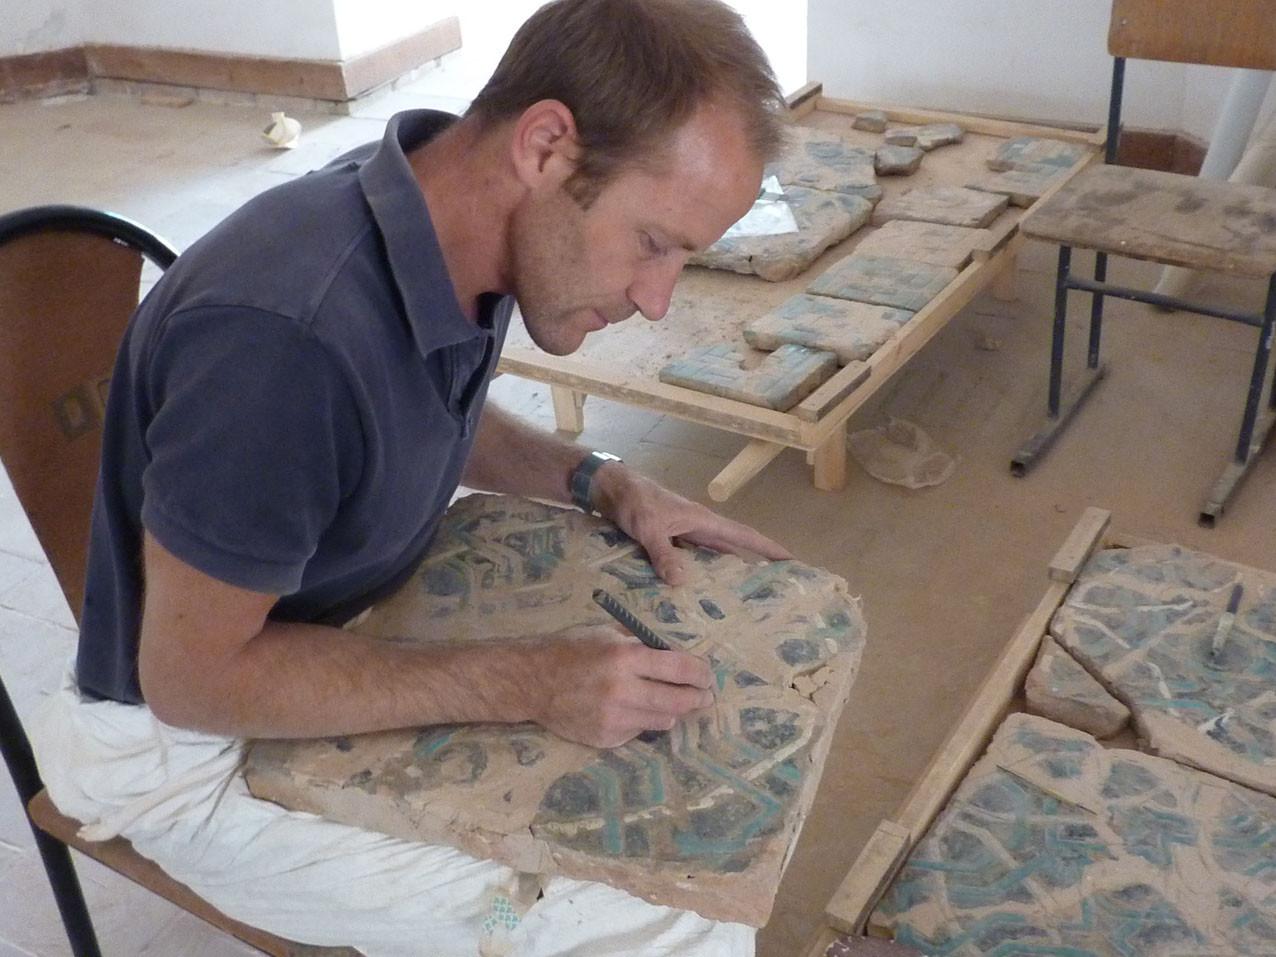 Gravure des motifs dans le ragréage d'un grand carreau (Socra, 2012)